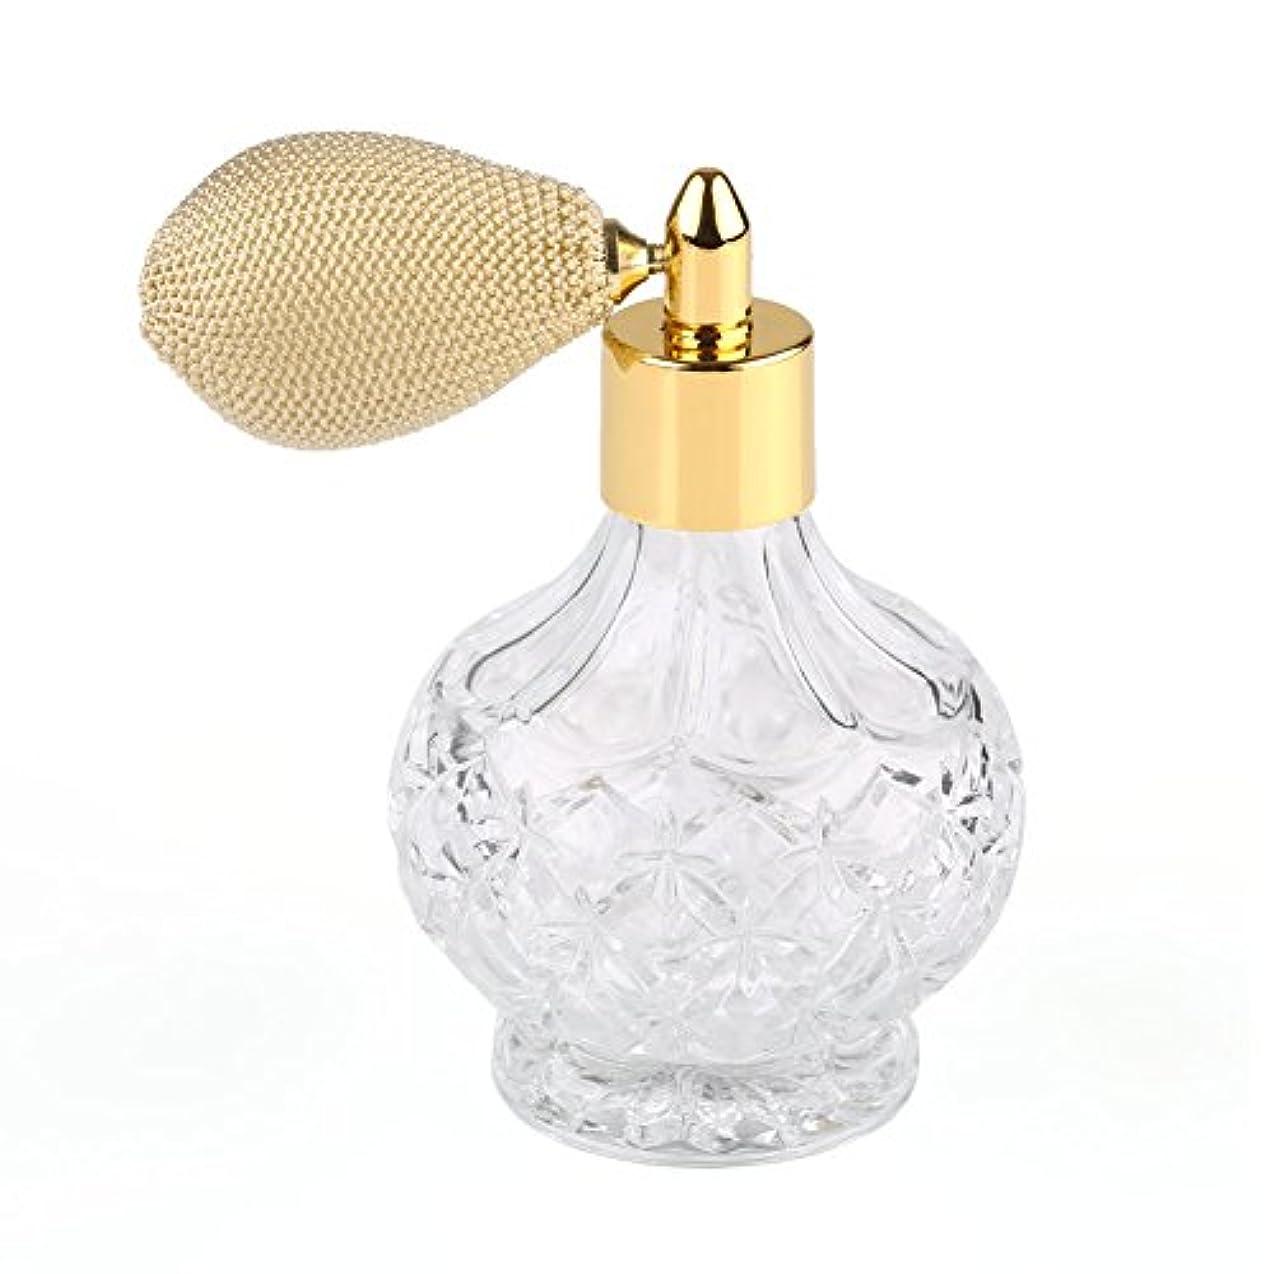 到着最大限松の木高品質18MMガラスボトル香水瓶 アトマイザー  クリア星柄ストリームラインデザイン 金色ニットスプレー 80ML ホーム飾り 装飾雑貨 ガラス製